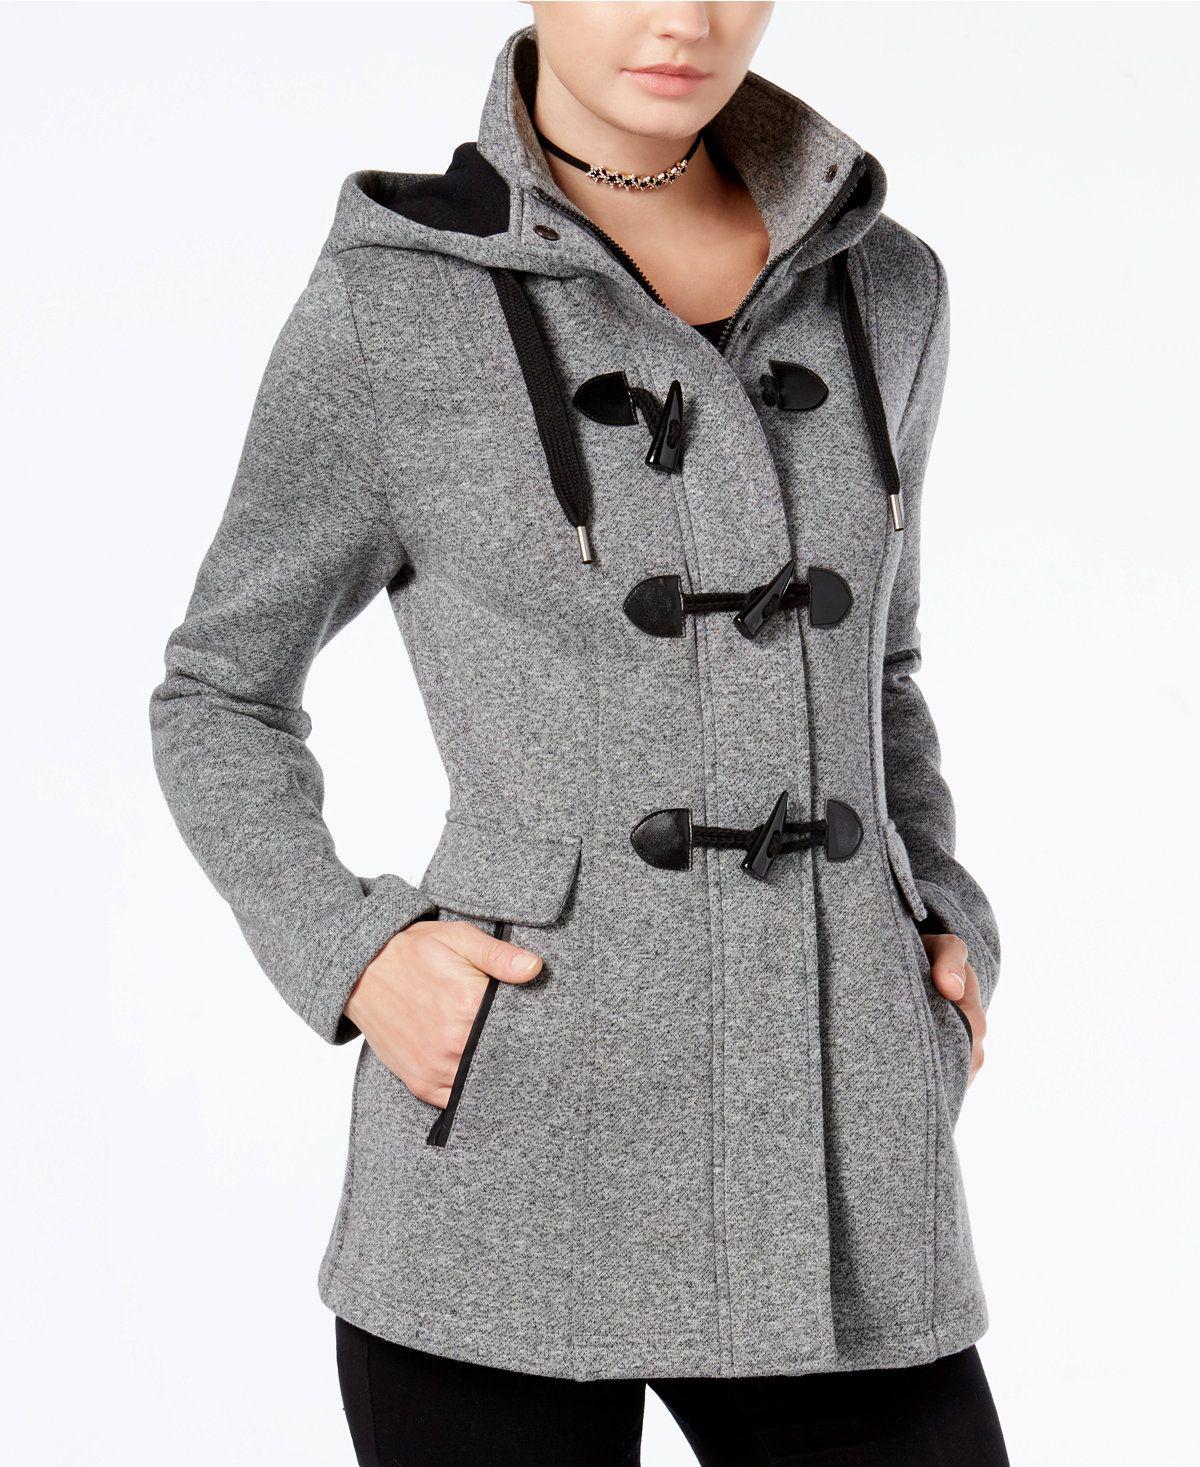 Bcx Juniors Hooded Toggle Peacoat Juniors Coats Macy S Junior Coats Peacoat Grey Hooded Coat [ 1467 x 1200 Pixel ]